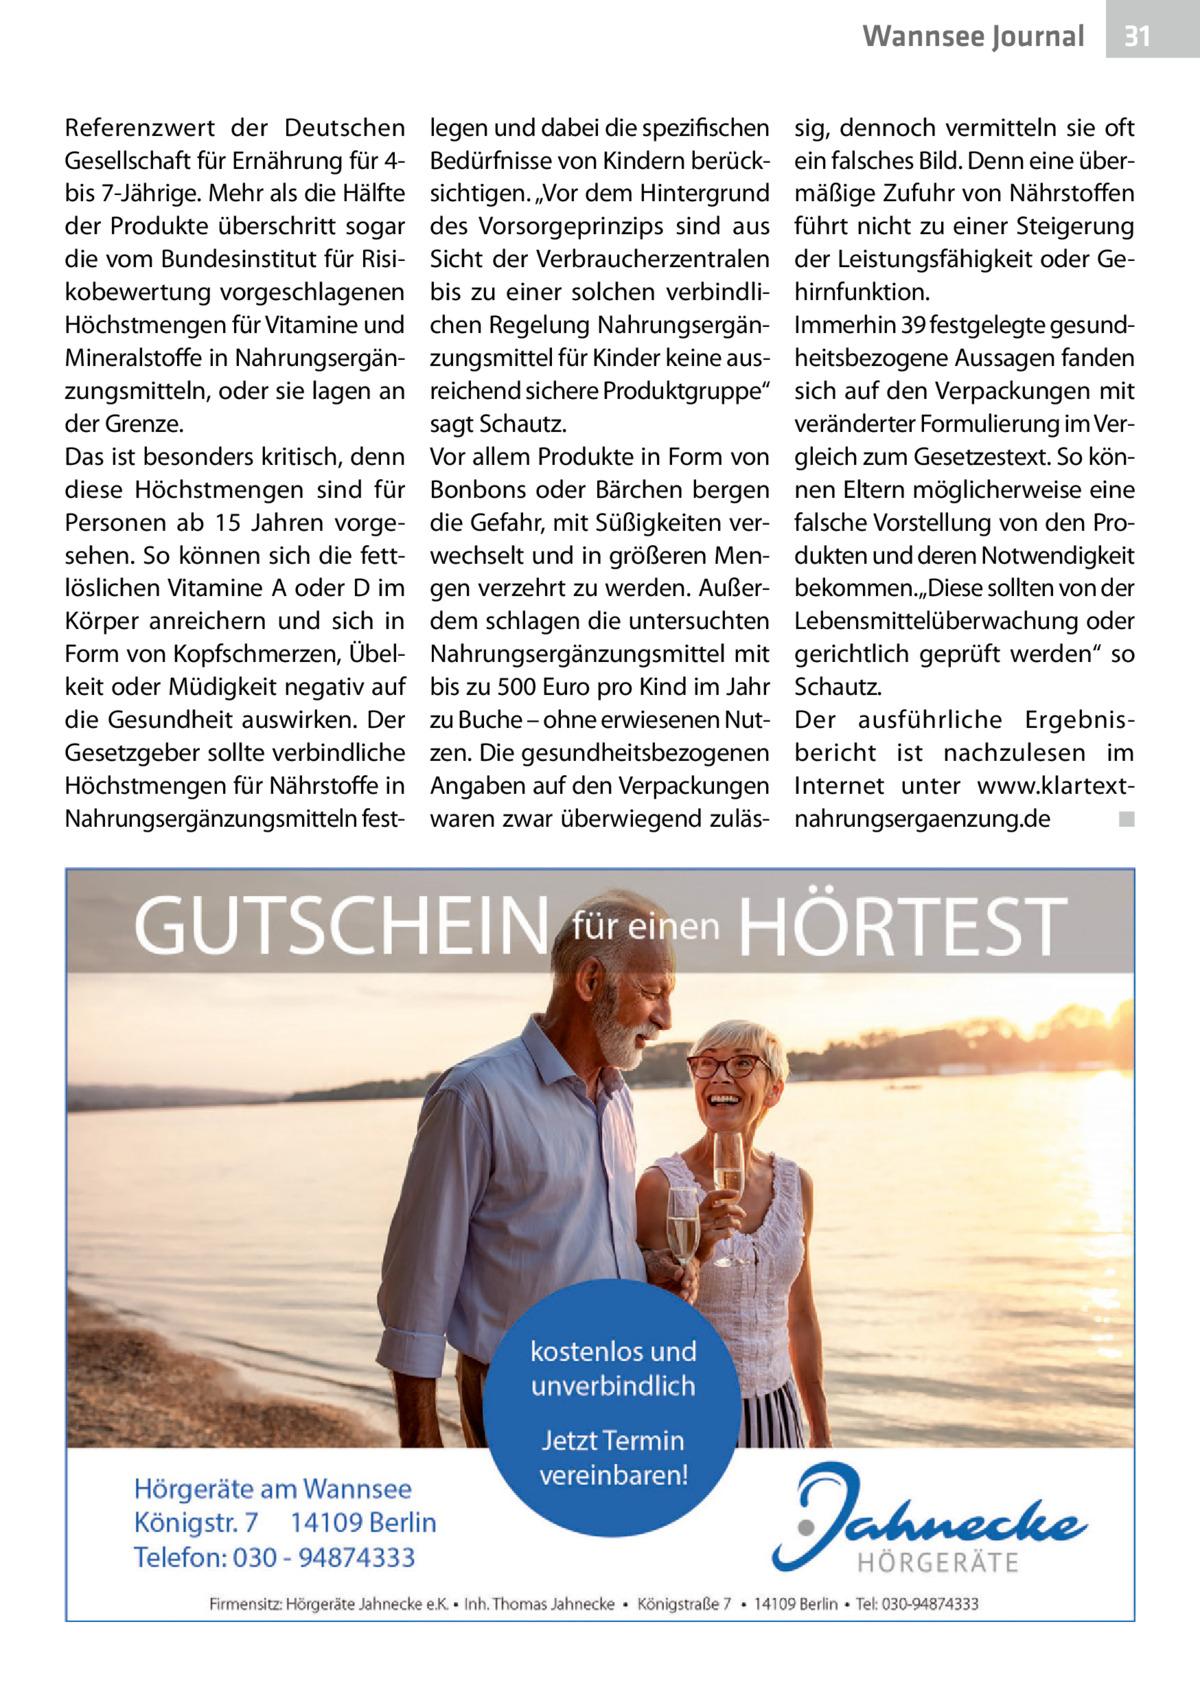 """Wannsee Gesundheit Journal Referenzwert der Deutschen Gesellschaft für Ernährung für 4bis 7-Jährige. Mehr als die Hälfte der Produkte überschritt sogar die vom Bundesinstitut für Risikobewertung vorgeschlagenen Höchstmengen für Vitamine und Mineralstoffe in Nahrungsergänzungsmitteln, oder sie lagen an der Grenze. Das ist besonders kritisch, denn diese Höchstmengen sind für Personen ab 15 Jahren vorgesehen. So können sich die fettlöslichen Vitamine A oder D im Körper anreichern und sich in Form von Kopfschmerzen, Übelkeit oder Müdigkeit negativ auf die Gesundheit auswirken. Der Gesetzgeber sollte verbindliche Höchstmengen für Nährstoffe in Nahrungsergänzungsmitteln fest legen und dabei die spezifischen Bedürfnisse von Kindern berücksichtigen. """"Vor dem Hintergrund des Vorsorgeprinzips sind aus Sicht der Verbraucherzentralen bis zu einer solchen verbindlichen Regelung Nahrungsergänzungsmittel für Kinder keine ausreichend sichere Produktgruppe"""" sagt Schautz. Vor allem Produkte in Form von Bonbons oder Bärchen bergen die Gefahr, mit Süßigkeiten verwechselt und in größeren Mengen verzehrt zu werden. Außerdem schlagen die untersuchten Nahrungsergänzungsmittel mit bis zu 500Euro pro Kind im Jahr zu Buche – ohne erwiesenen Nutzen. Die gesundheitsbezogenen Angaben auf den Verpackungen waren zwar überwiegend zuläs 31  sig, dennoch vermitteln sie oft ein falsches Bild. Denn eine übermäßige Zufuhr von Nährstoffen führt nicht zu einer Steigerung der Leistungsfähigkeit oder Gehirnfunktion. Immerhin 39 festgelegte gesundheitsbezogene Aussagen fanden sich auf den Verpackungen mit veränderter Formulierung im Vergleich zum Gesetzestext. So können Eltern möglicherweise eine falsche Vorstellung von den Produkten und deren Notwendigkeit bekommen.""""Diese sollten von der Lebensmittelüberwachung oder gerichtlich geprüft werden"""" so Schautz. Der ausführliche Ergebnisbericht ist nachzulesen im Internet unter www.klartextnahrungsergaenzung.de � ◾"""